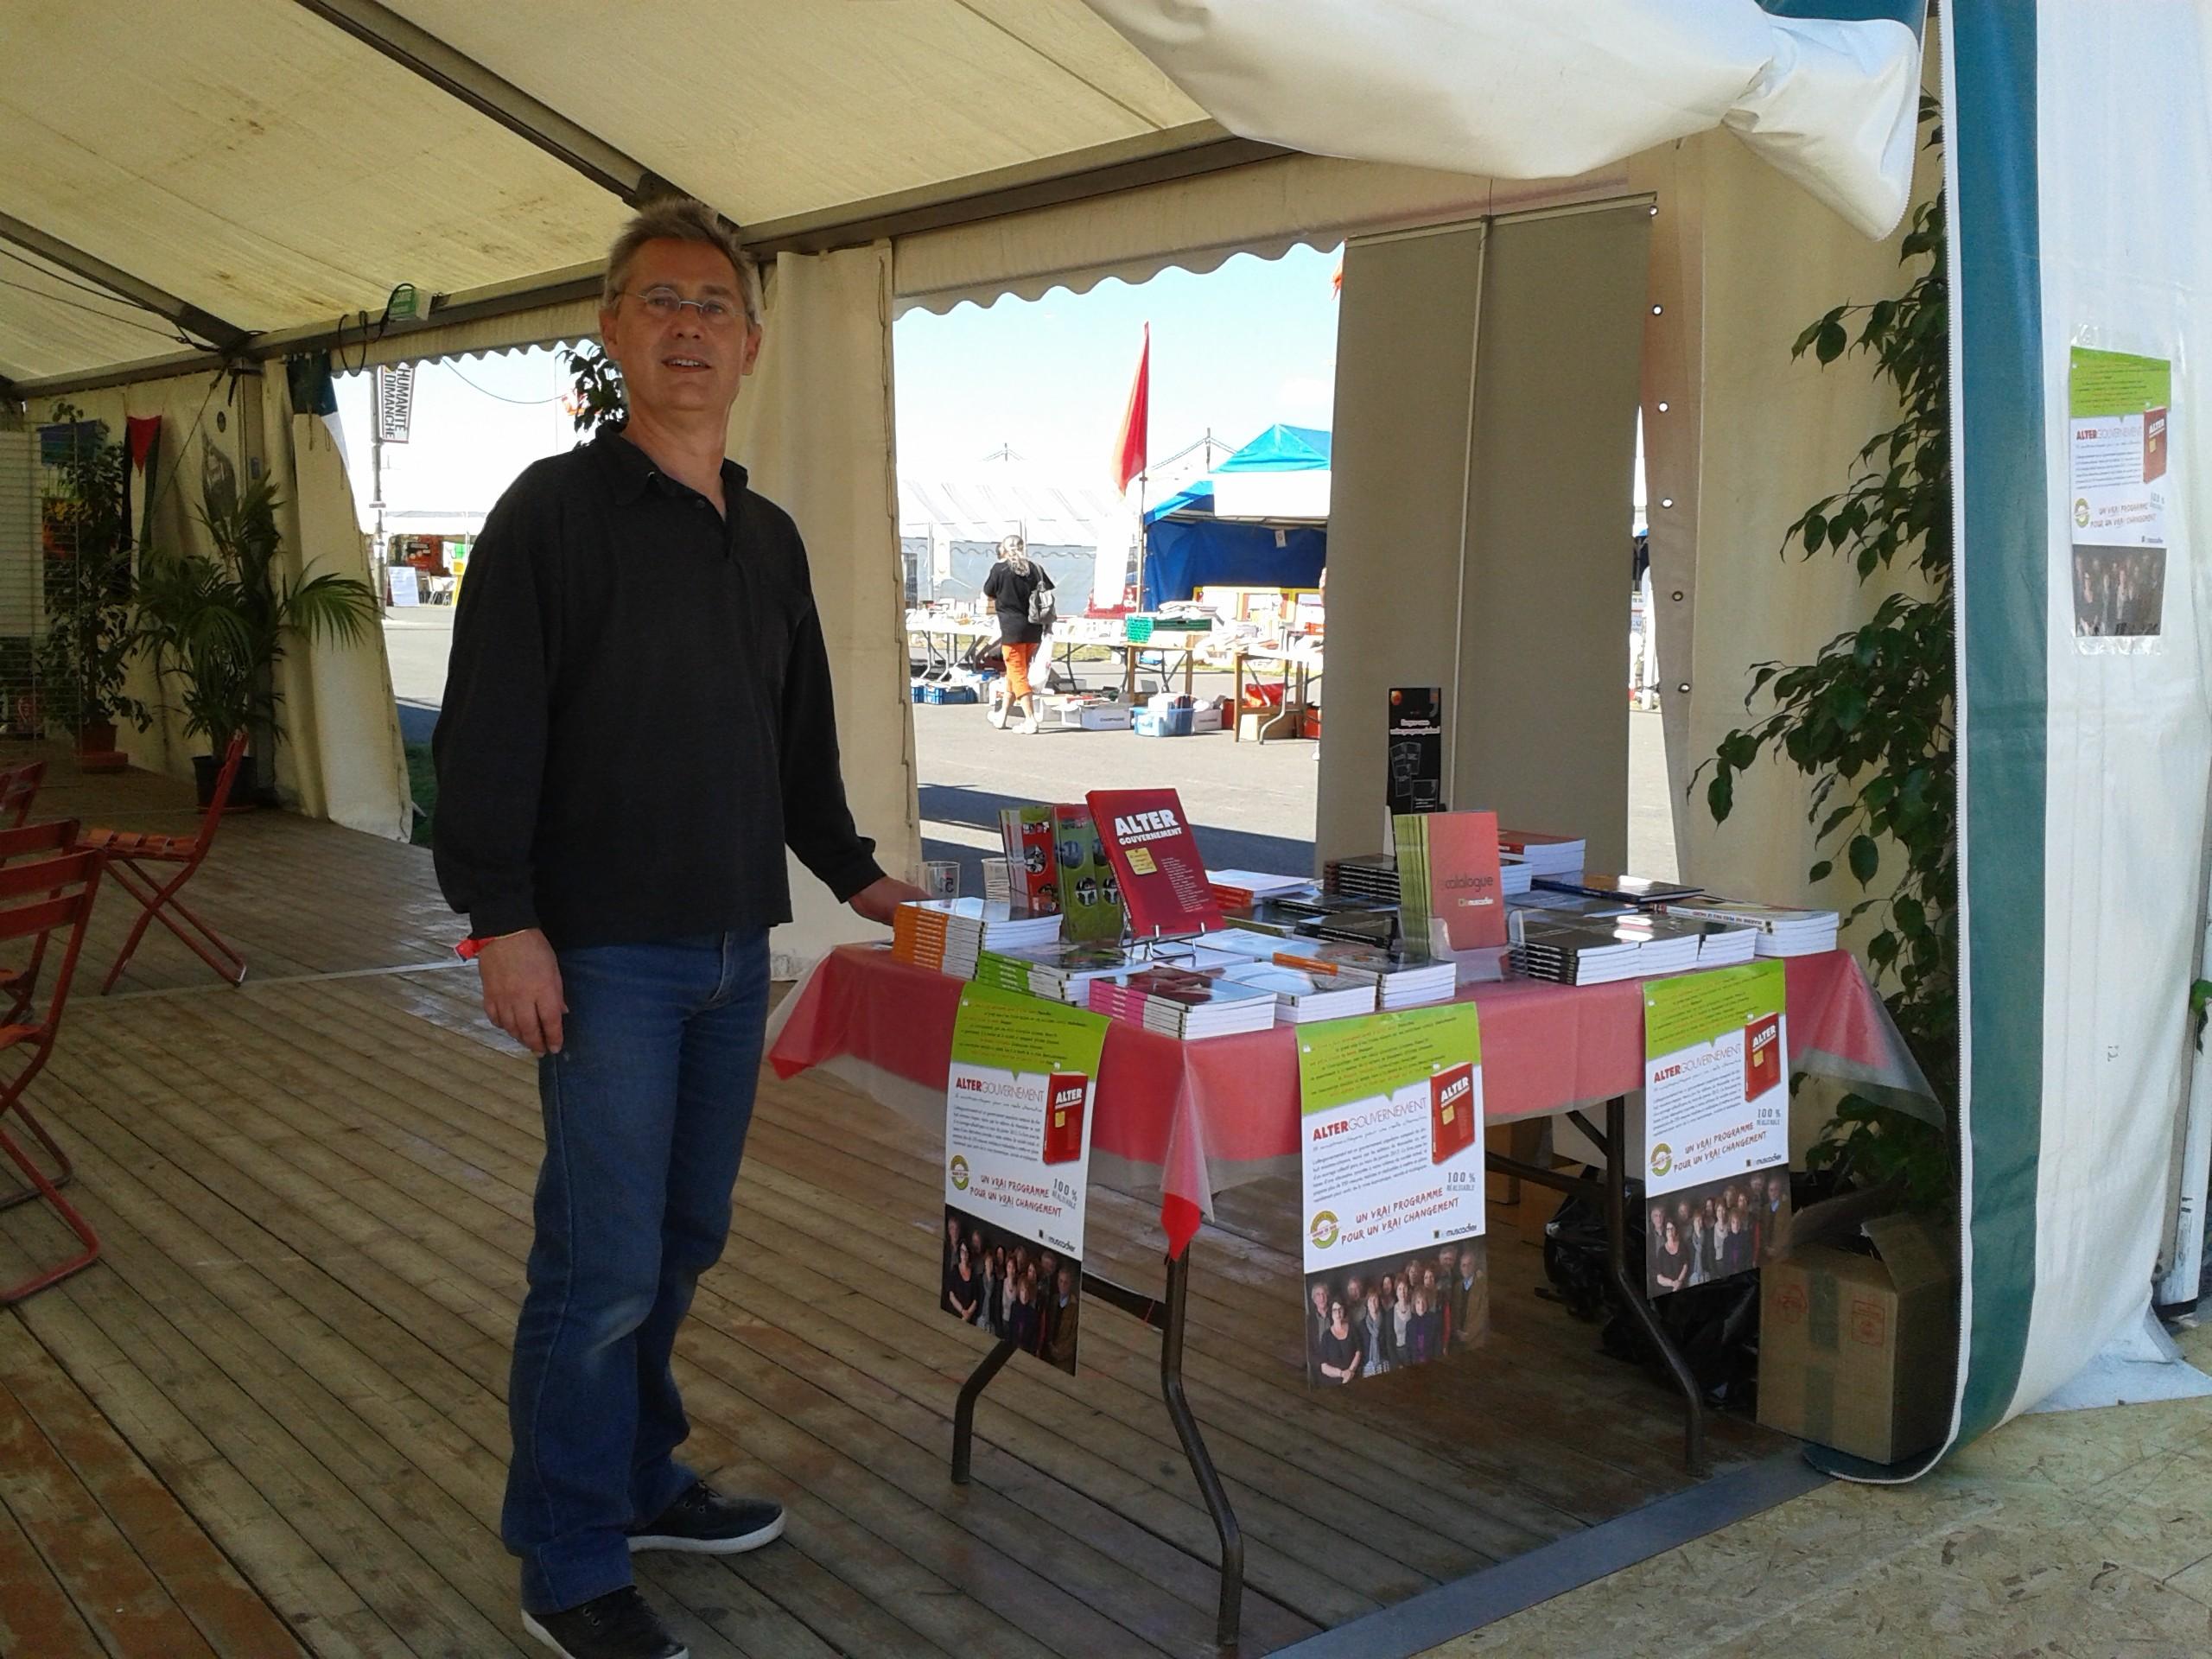 Fête de l'Huma 2014 - La table du Muscadier sur le stand de Bagneux Bourg-la-Reine avec Éric Denniel, directeur de la collection «Place du marché»